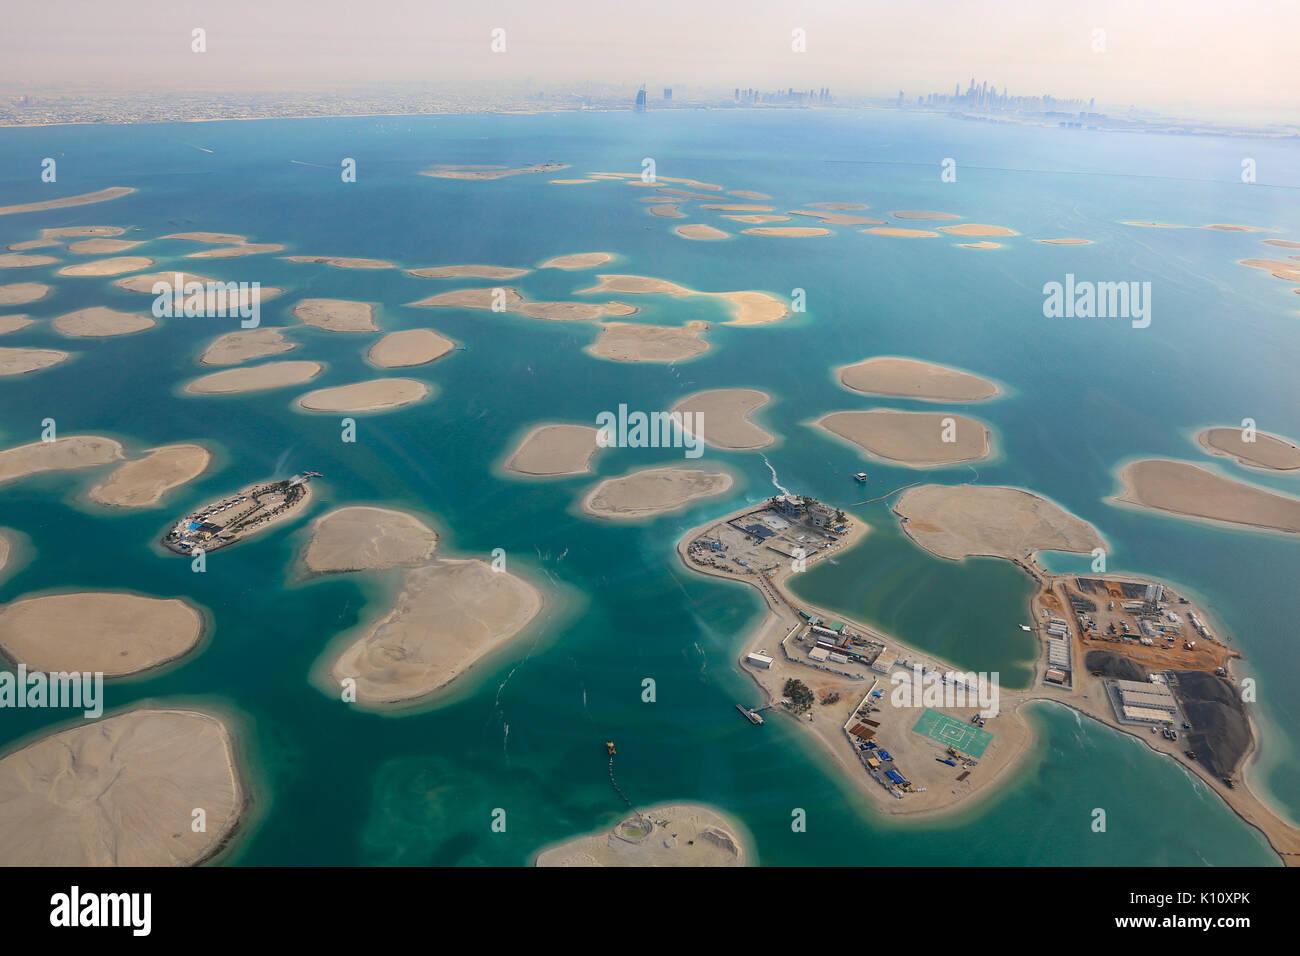 Dubai las islas del mundo Alemania Austria Suiza Líbano isla panorama vista aérea fotografía eau Imagen De Stock